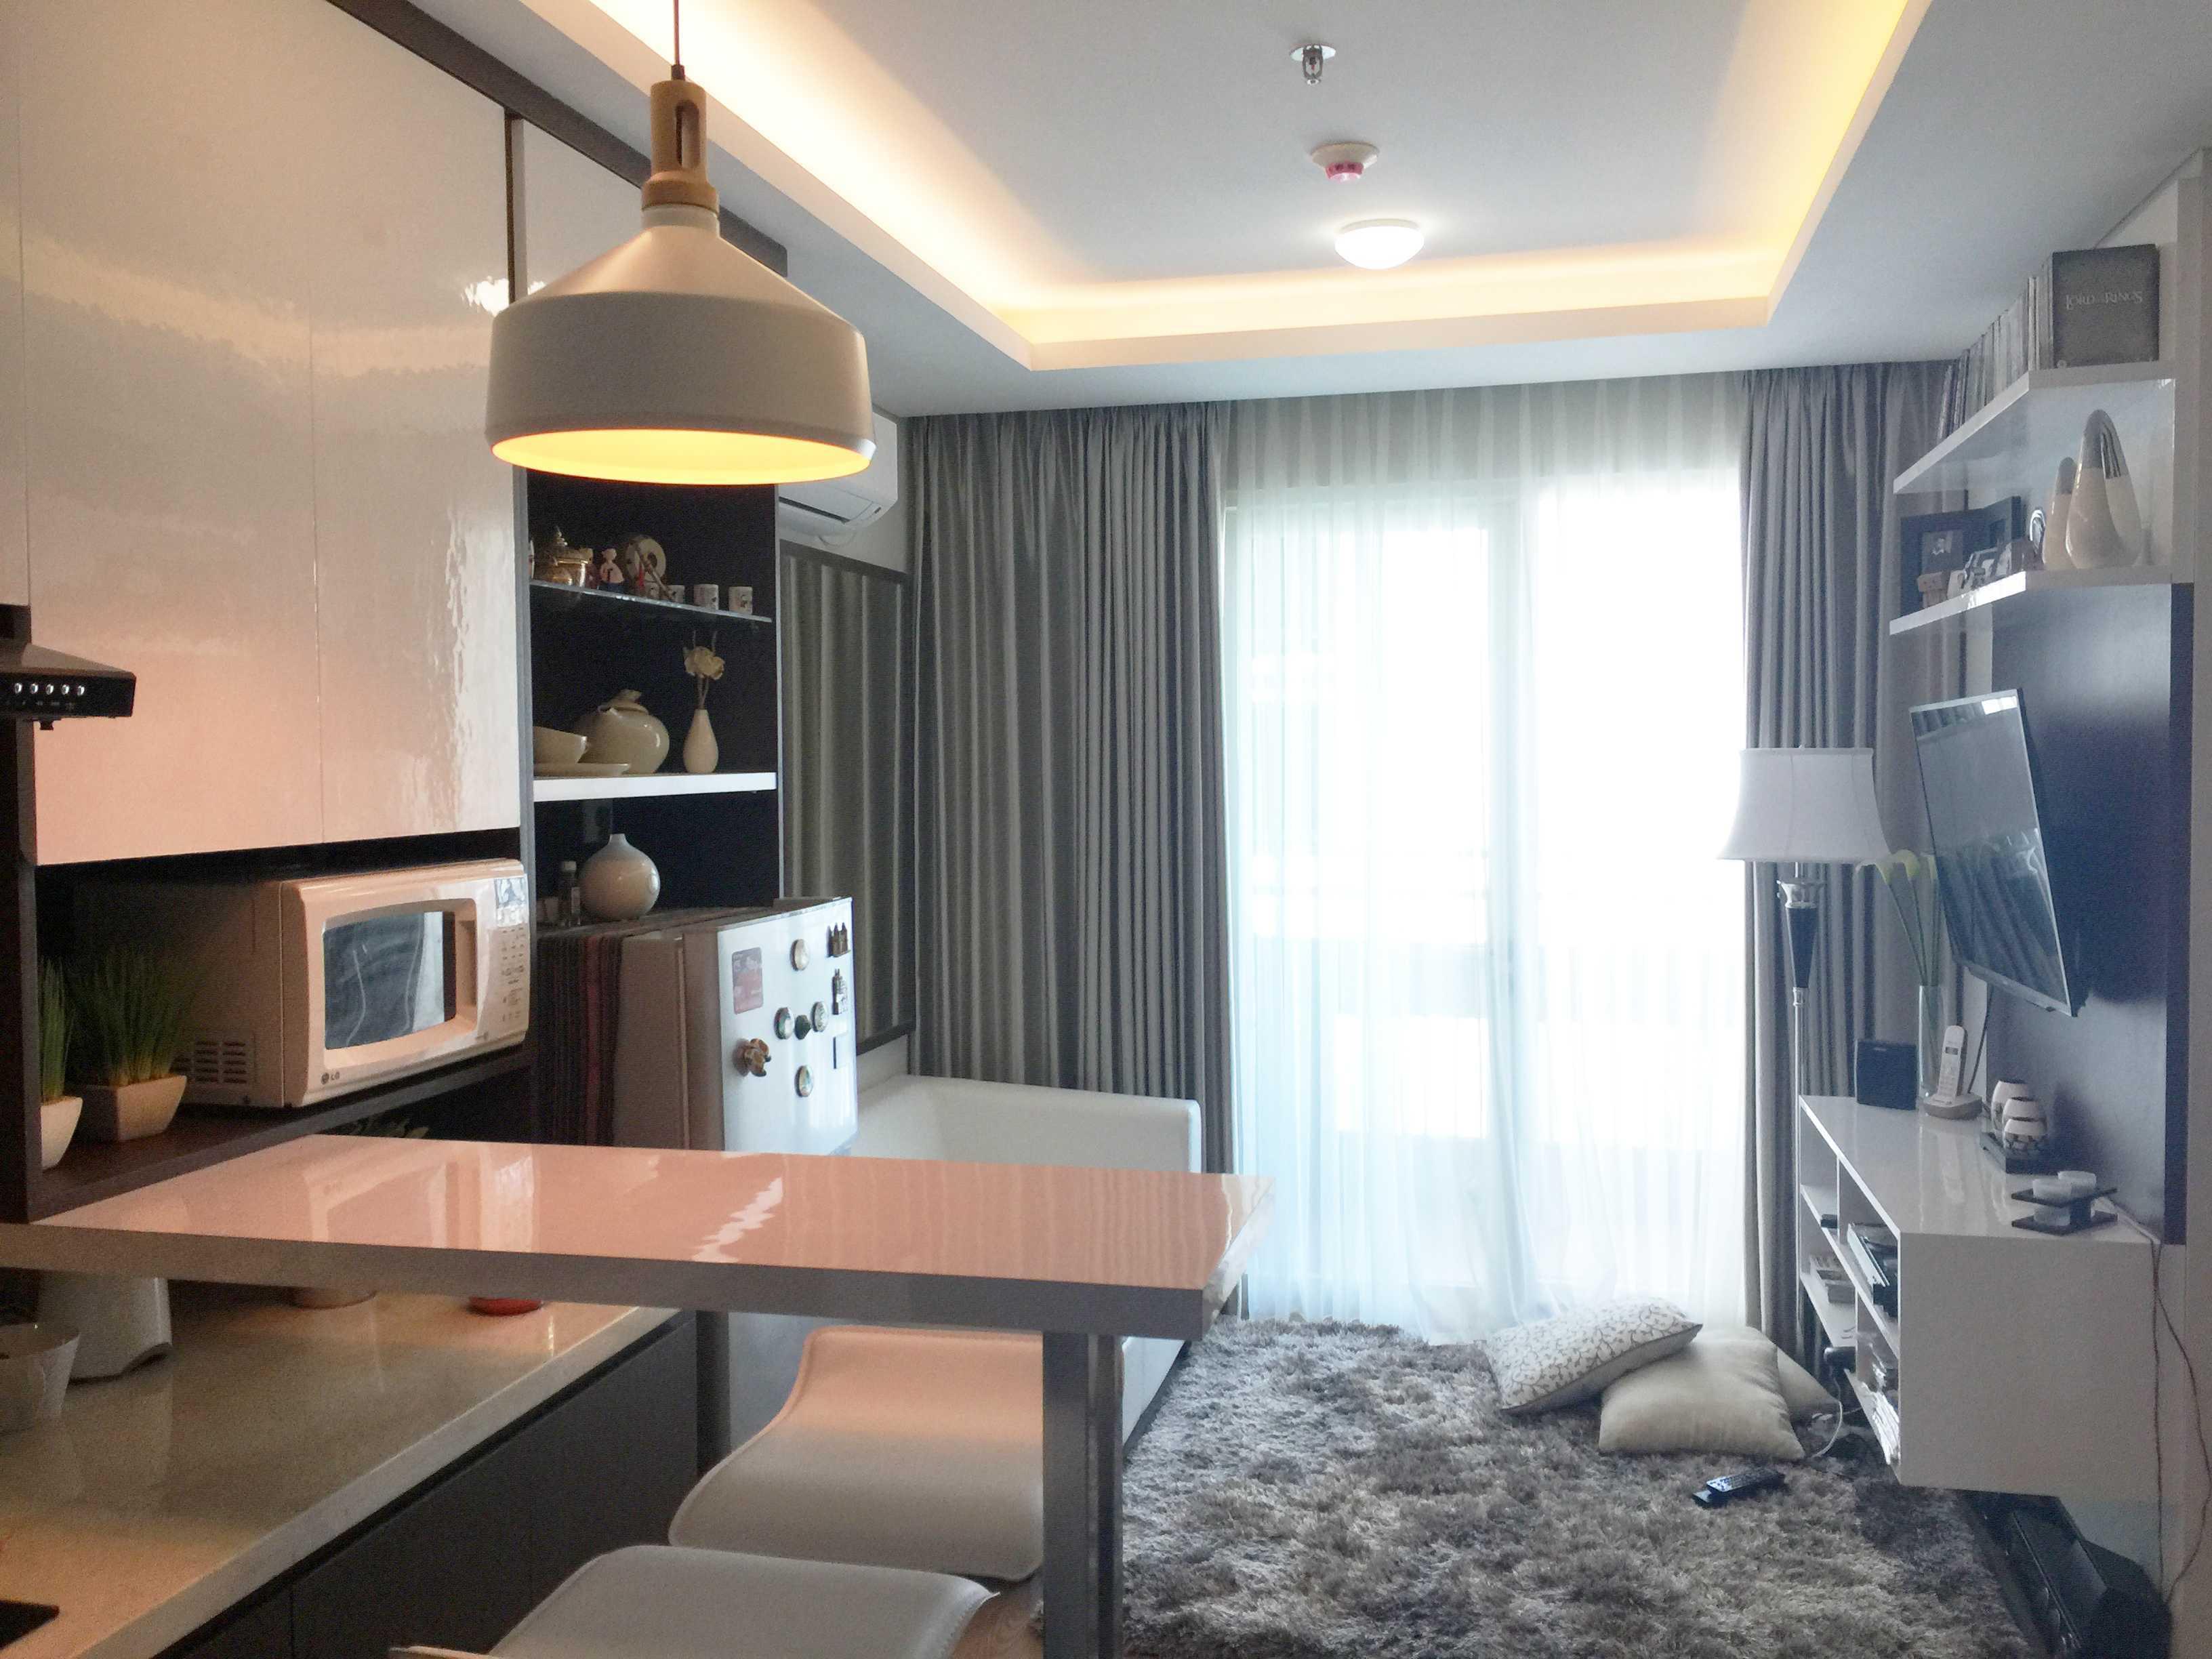 Jerry M. Febrino Daan Mogot Apartment Jalan Kintamani Raya No.2, Rt.8/rw.12, Kalideres, Rt.8/rw.12, Kalideres, Kota Jakarta Barat, Daerah Khusus Ibukota Jakarta 11840, Indonesia Jalan Kintamani Raya No.2, Rt.8/rw.12, Kalideres, Rt.8/rw.12, Kalideres, Kota Jakarta Barat, Daerah Khusus Ibukota Jakarta 11840, Indonesia Daan Mogot Apartment - Living Room Modern  43989